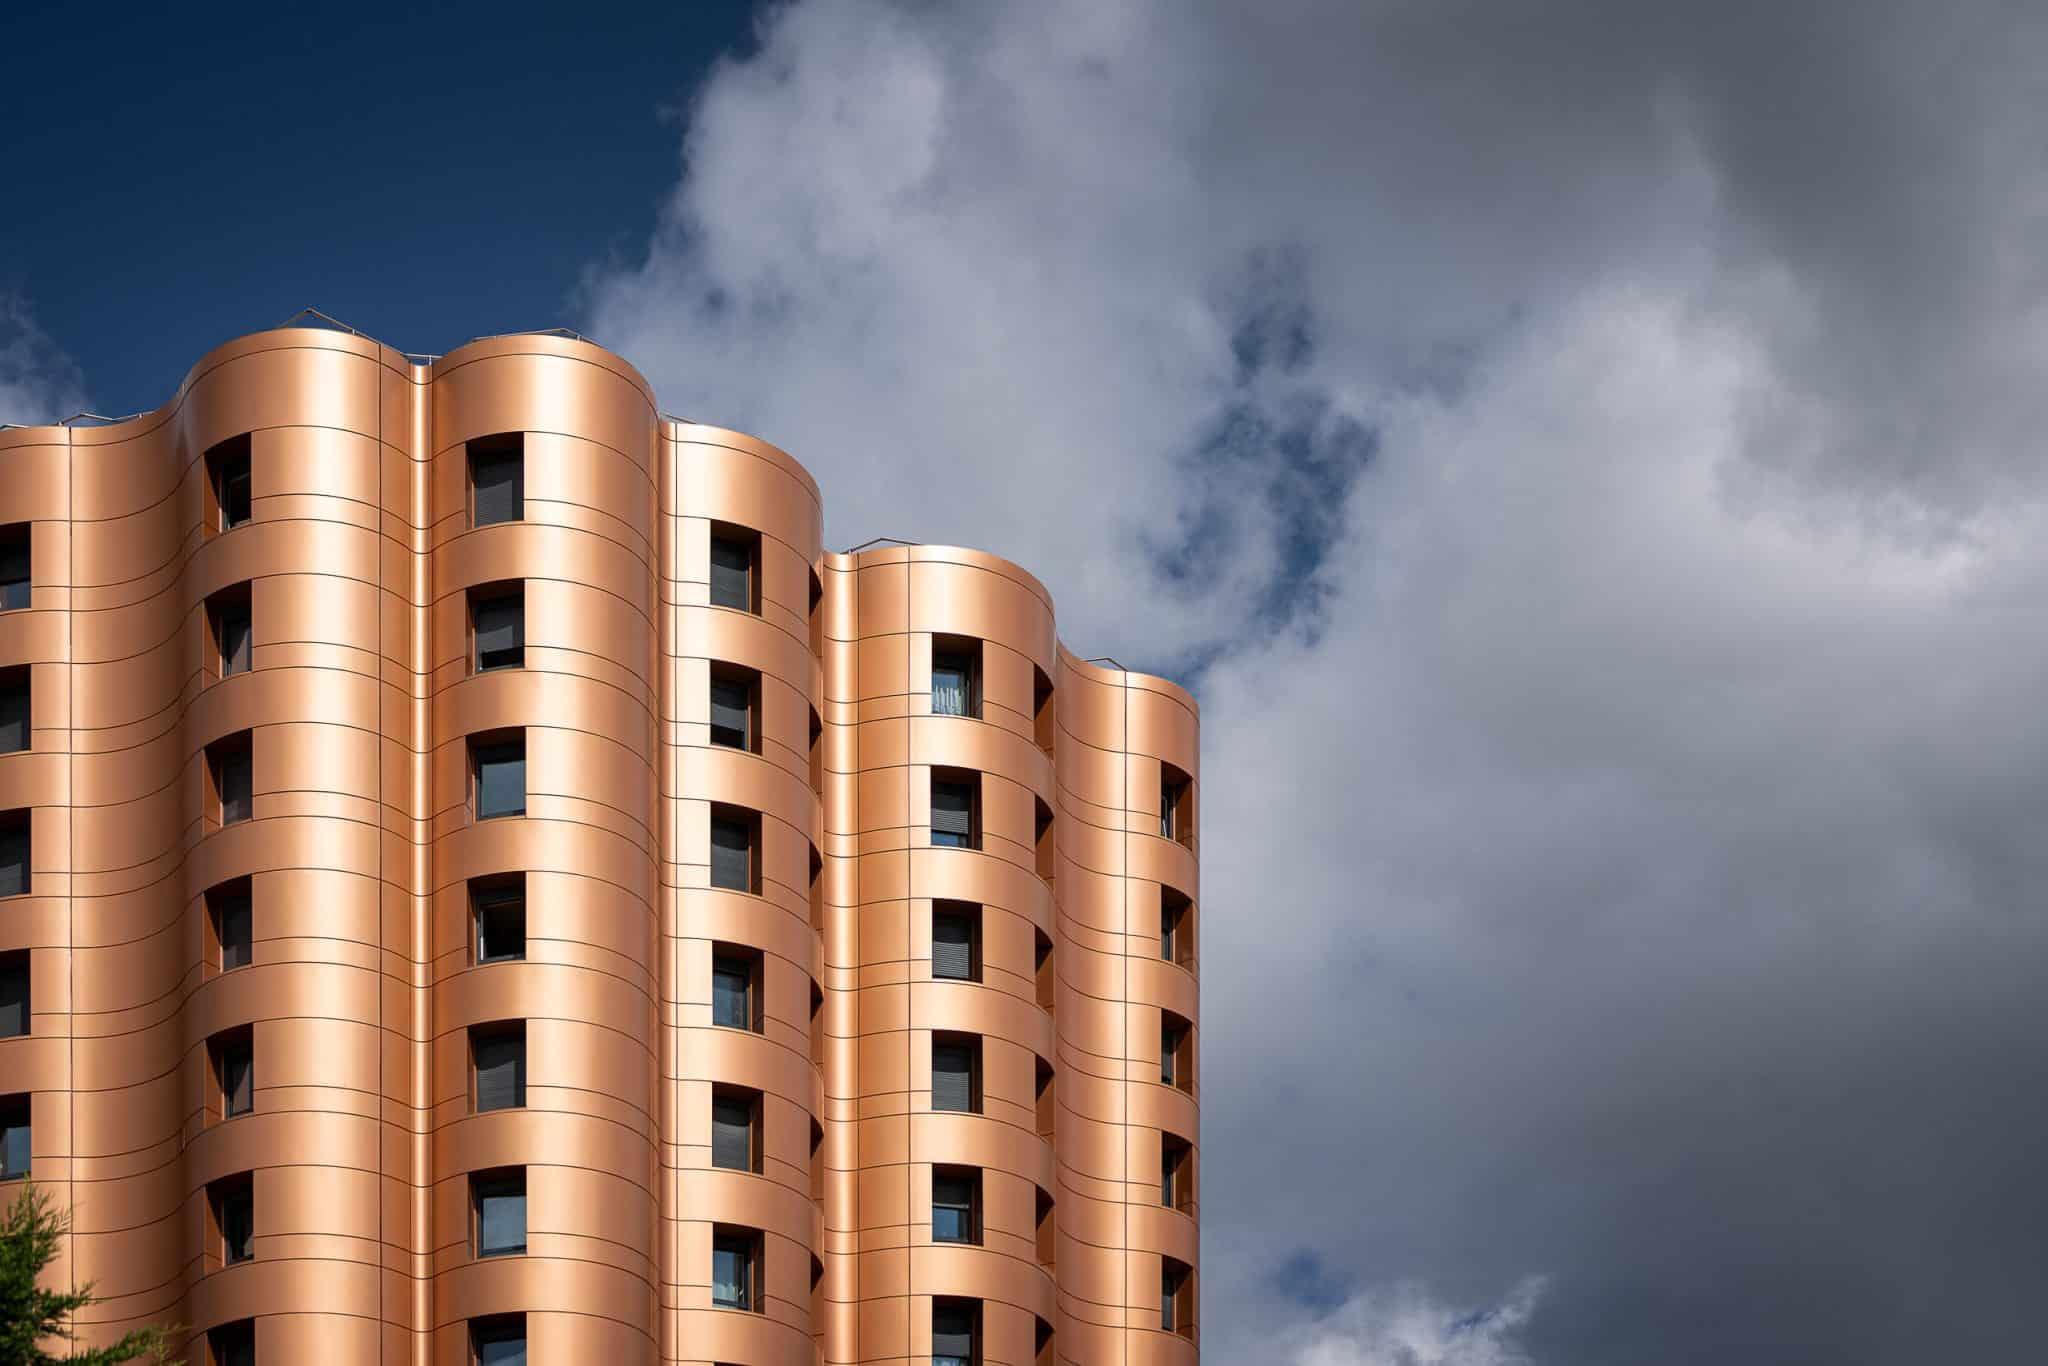 Les jeunes mariés ont la tête dans les nuages à Noisiel – Photographie d'architecture Michael Bouton (edifice-photo.com)